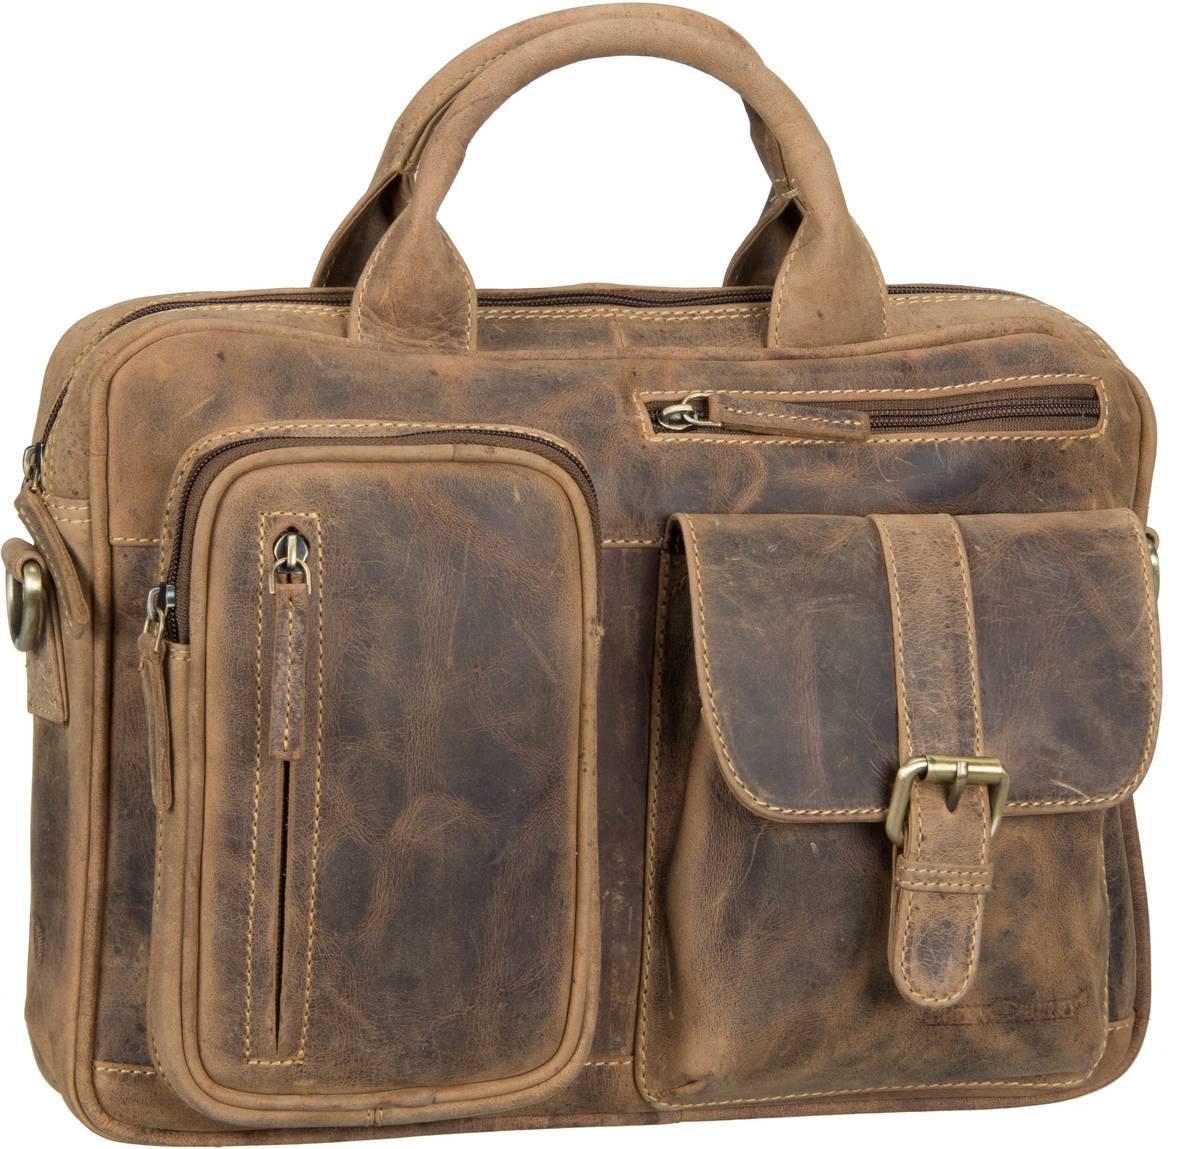 Businesstaschen für Frauen - Greenburry Aktentasche Vintage 1641 Businesstasche Brown  - Onlineshop Taschenkaufhaus